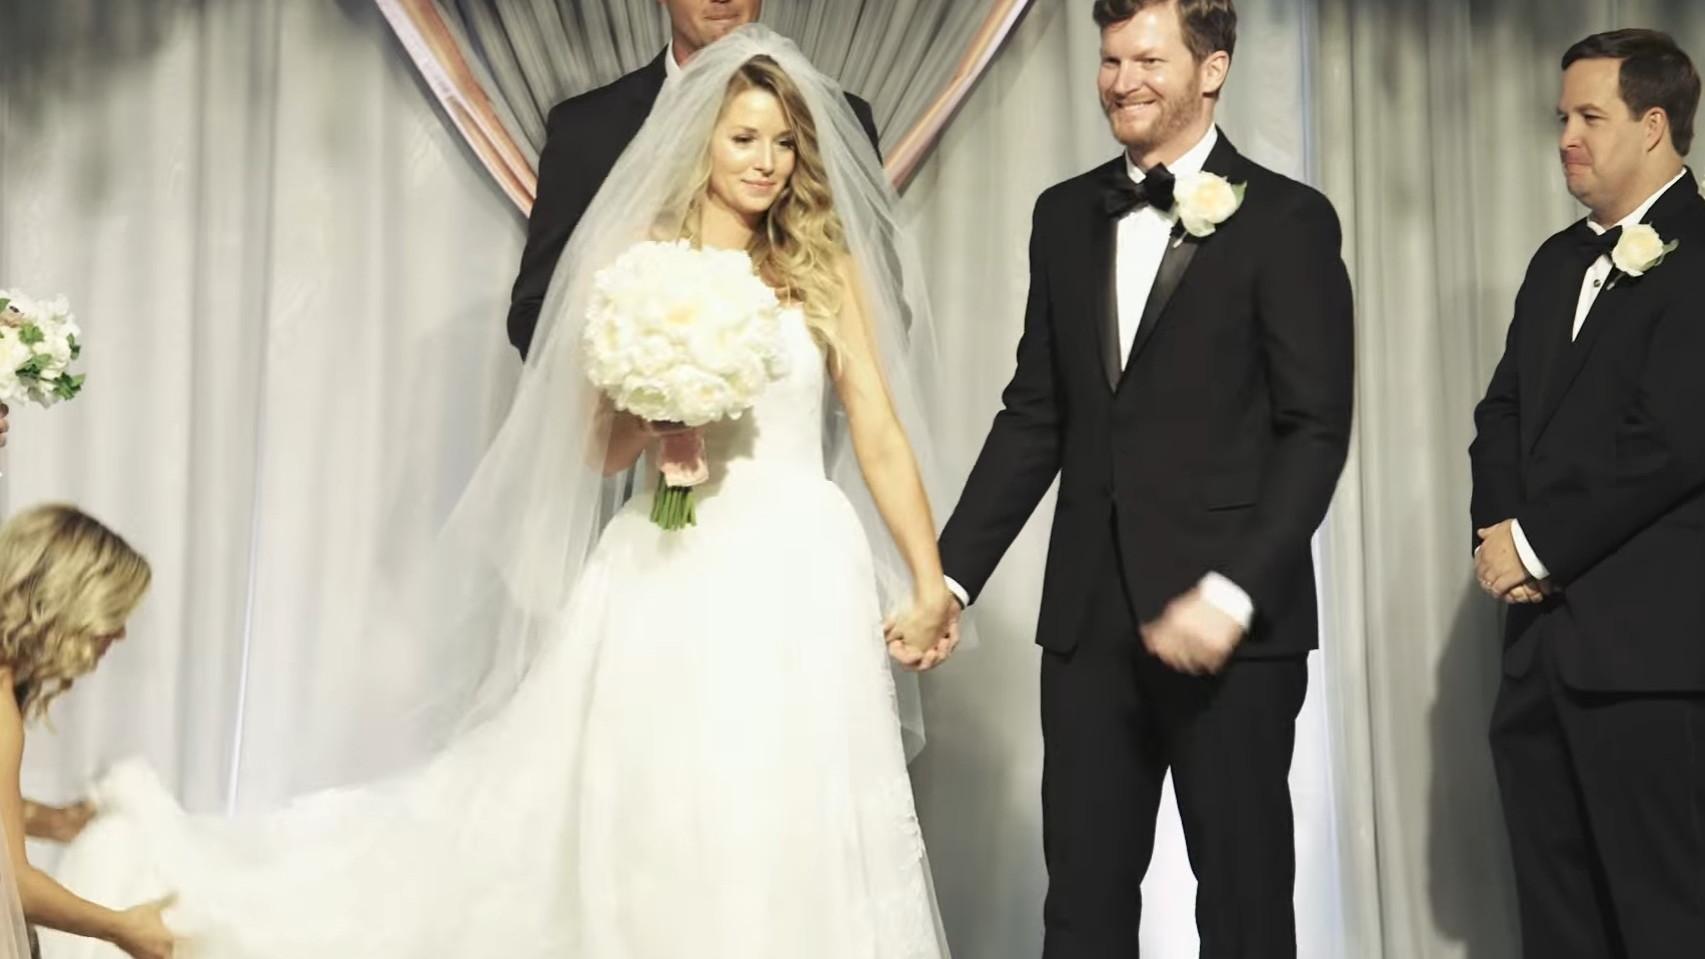 Dale Earnhardt, Jr. wedding